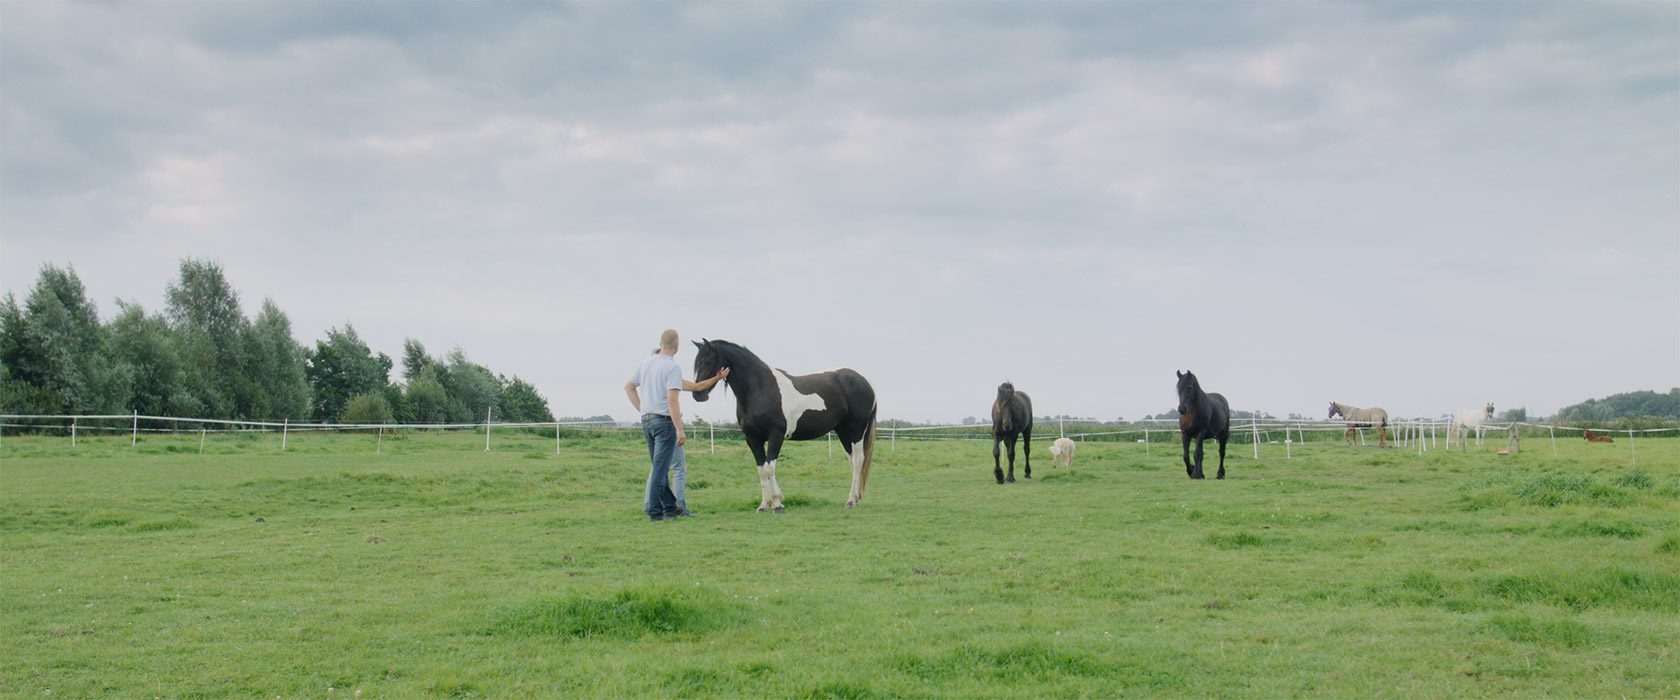 film_still_horses12_1680x700